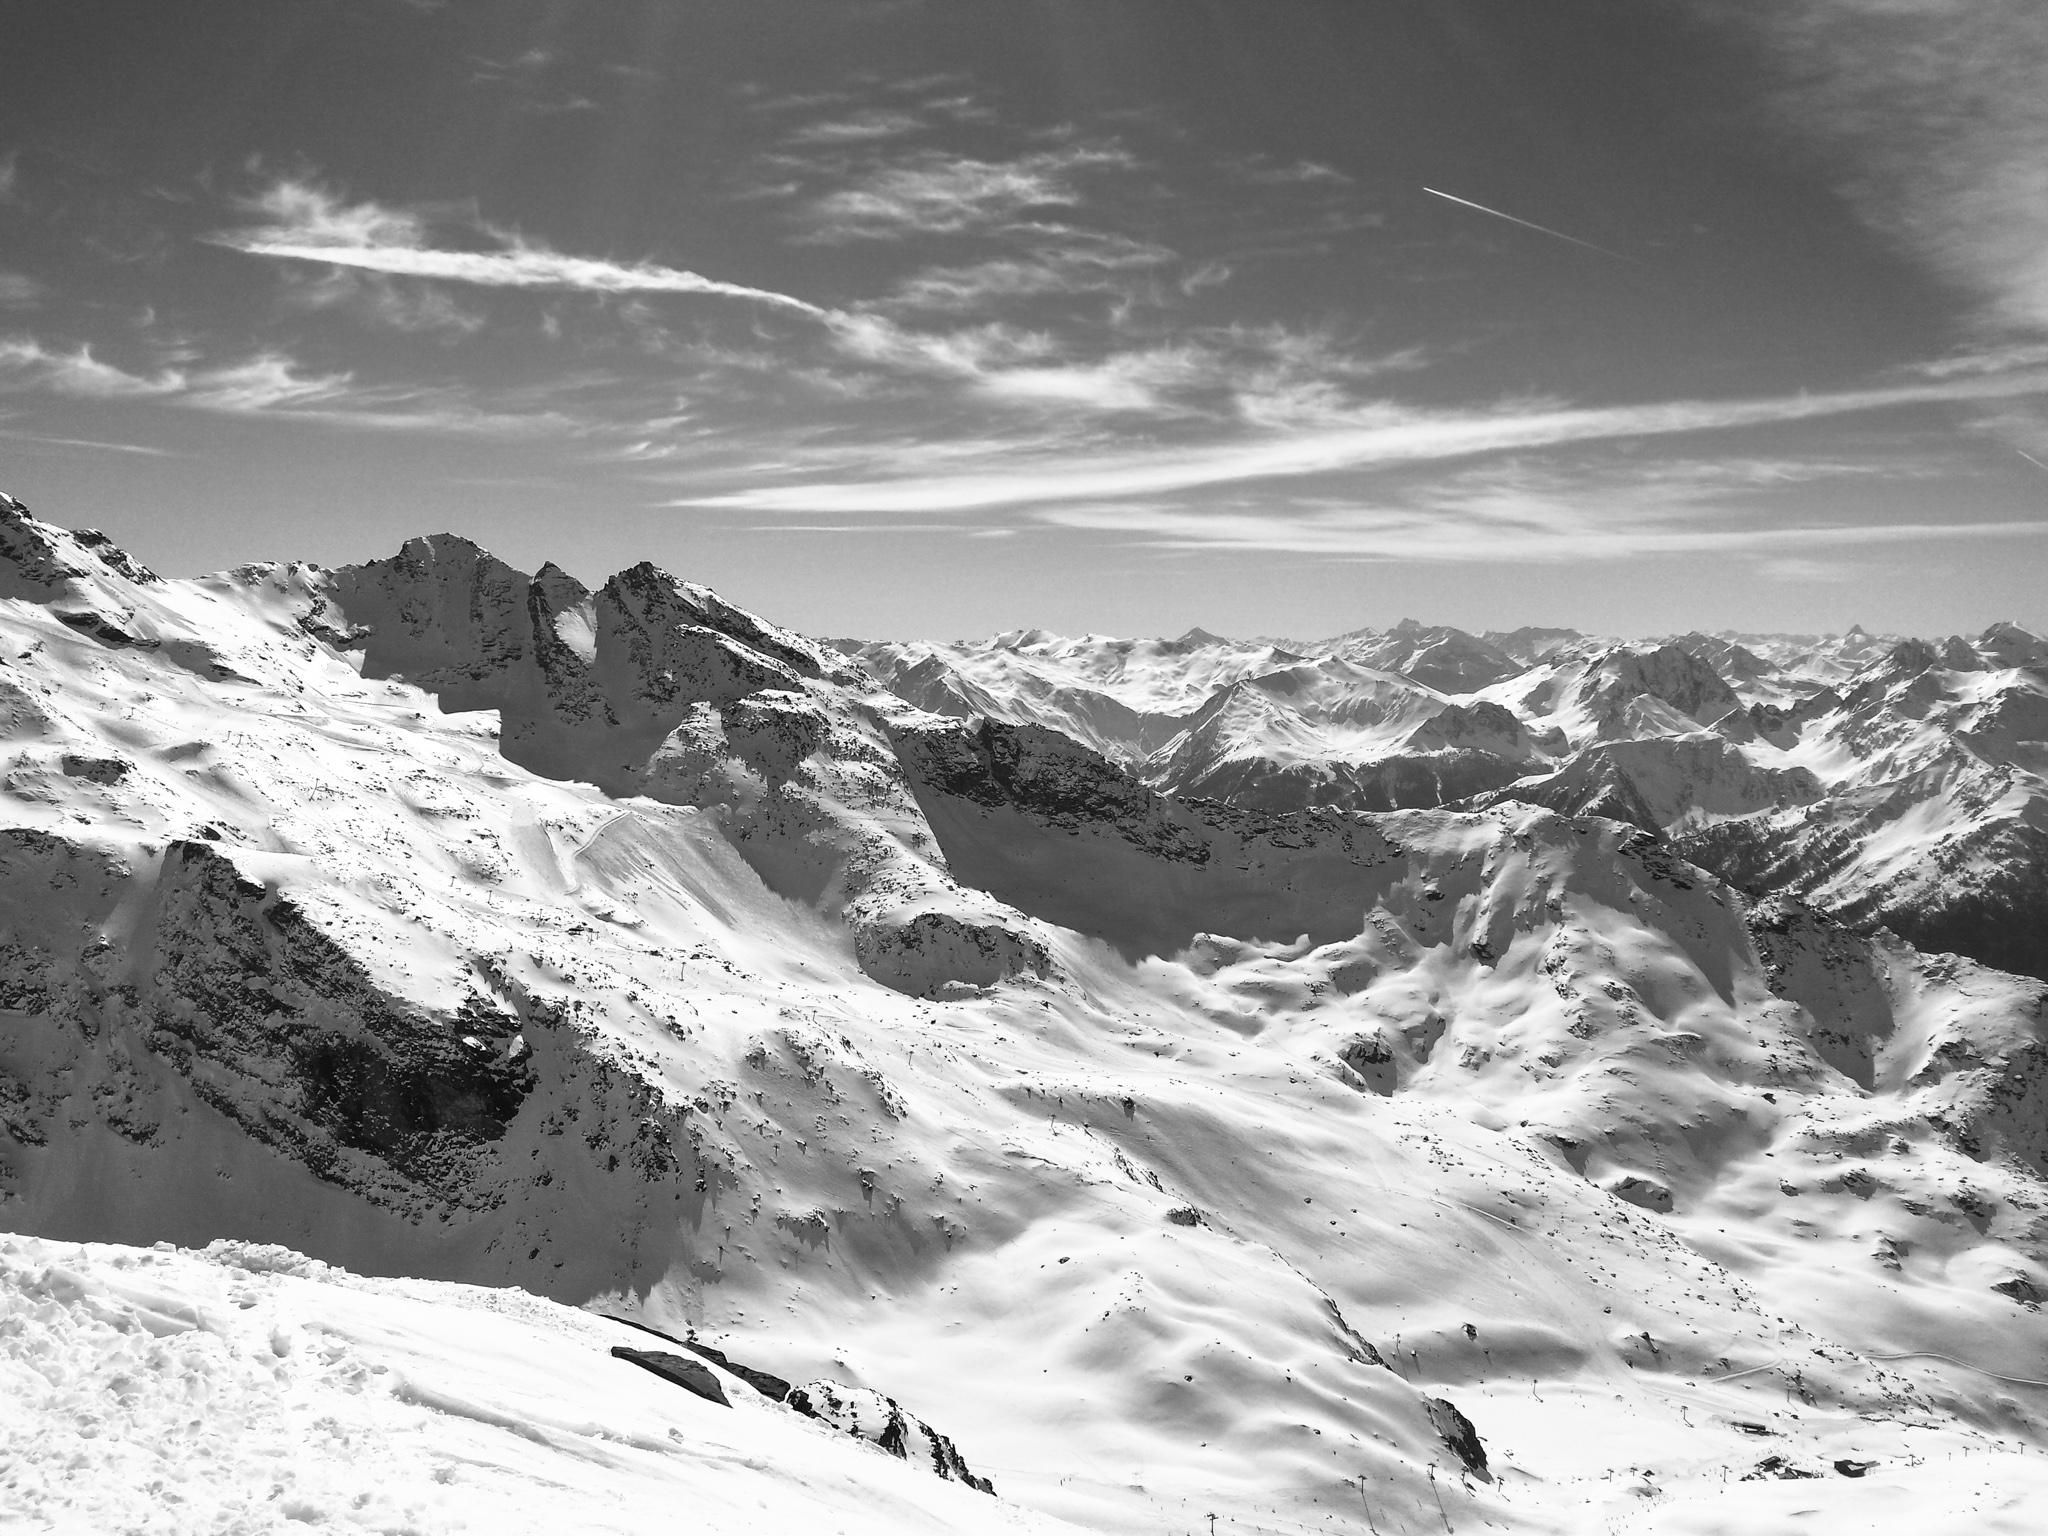 110947-val-thorens-landscapes.jpg